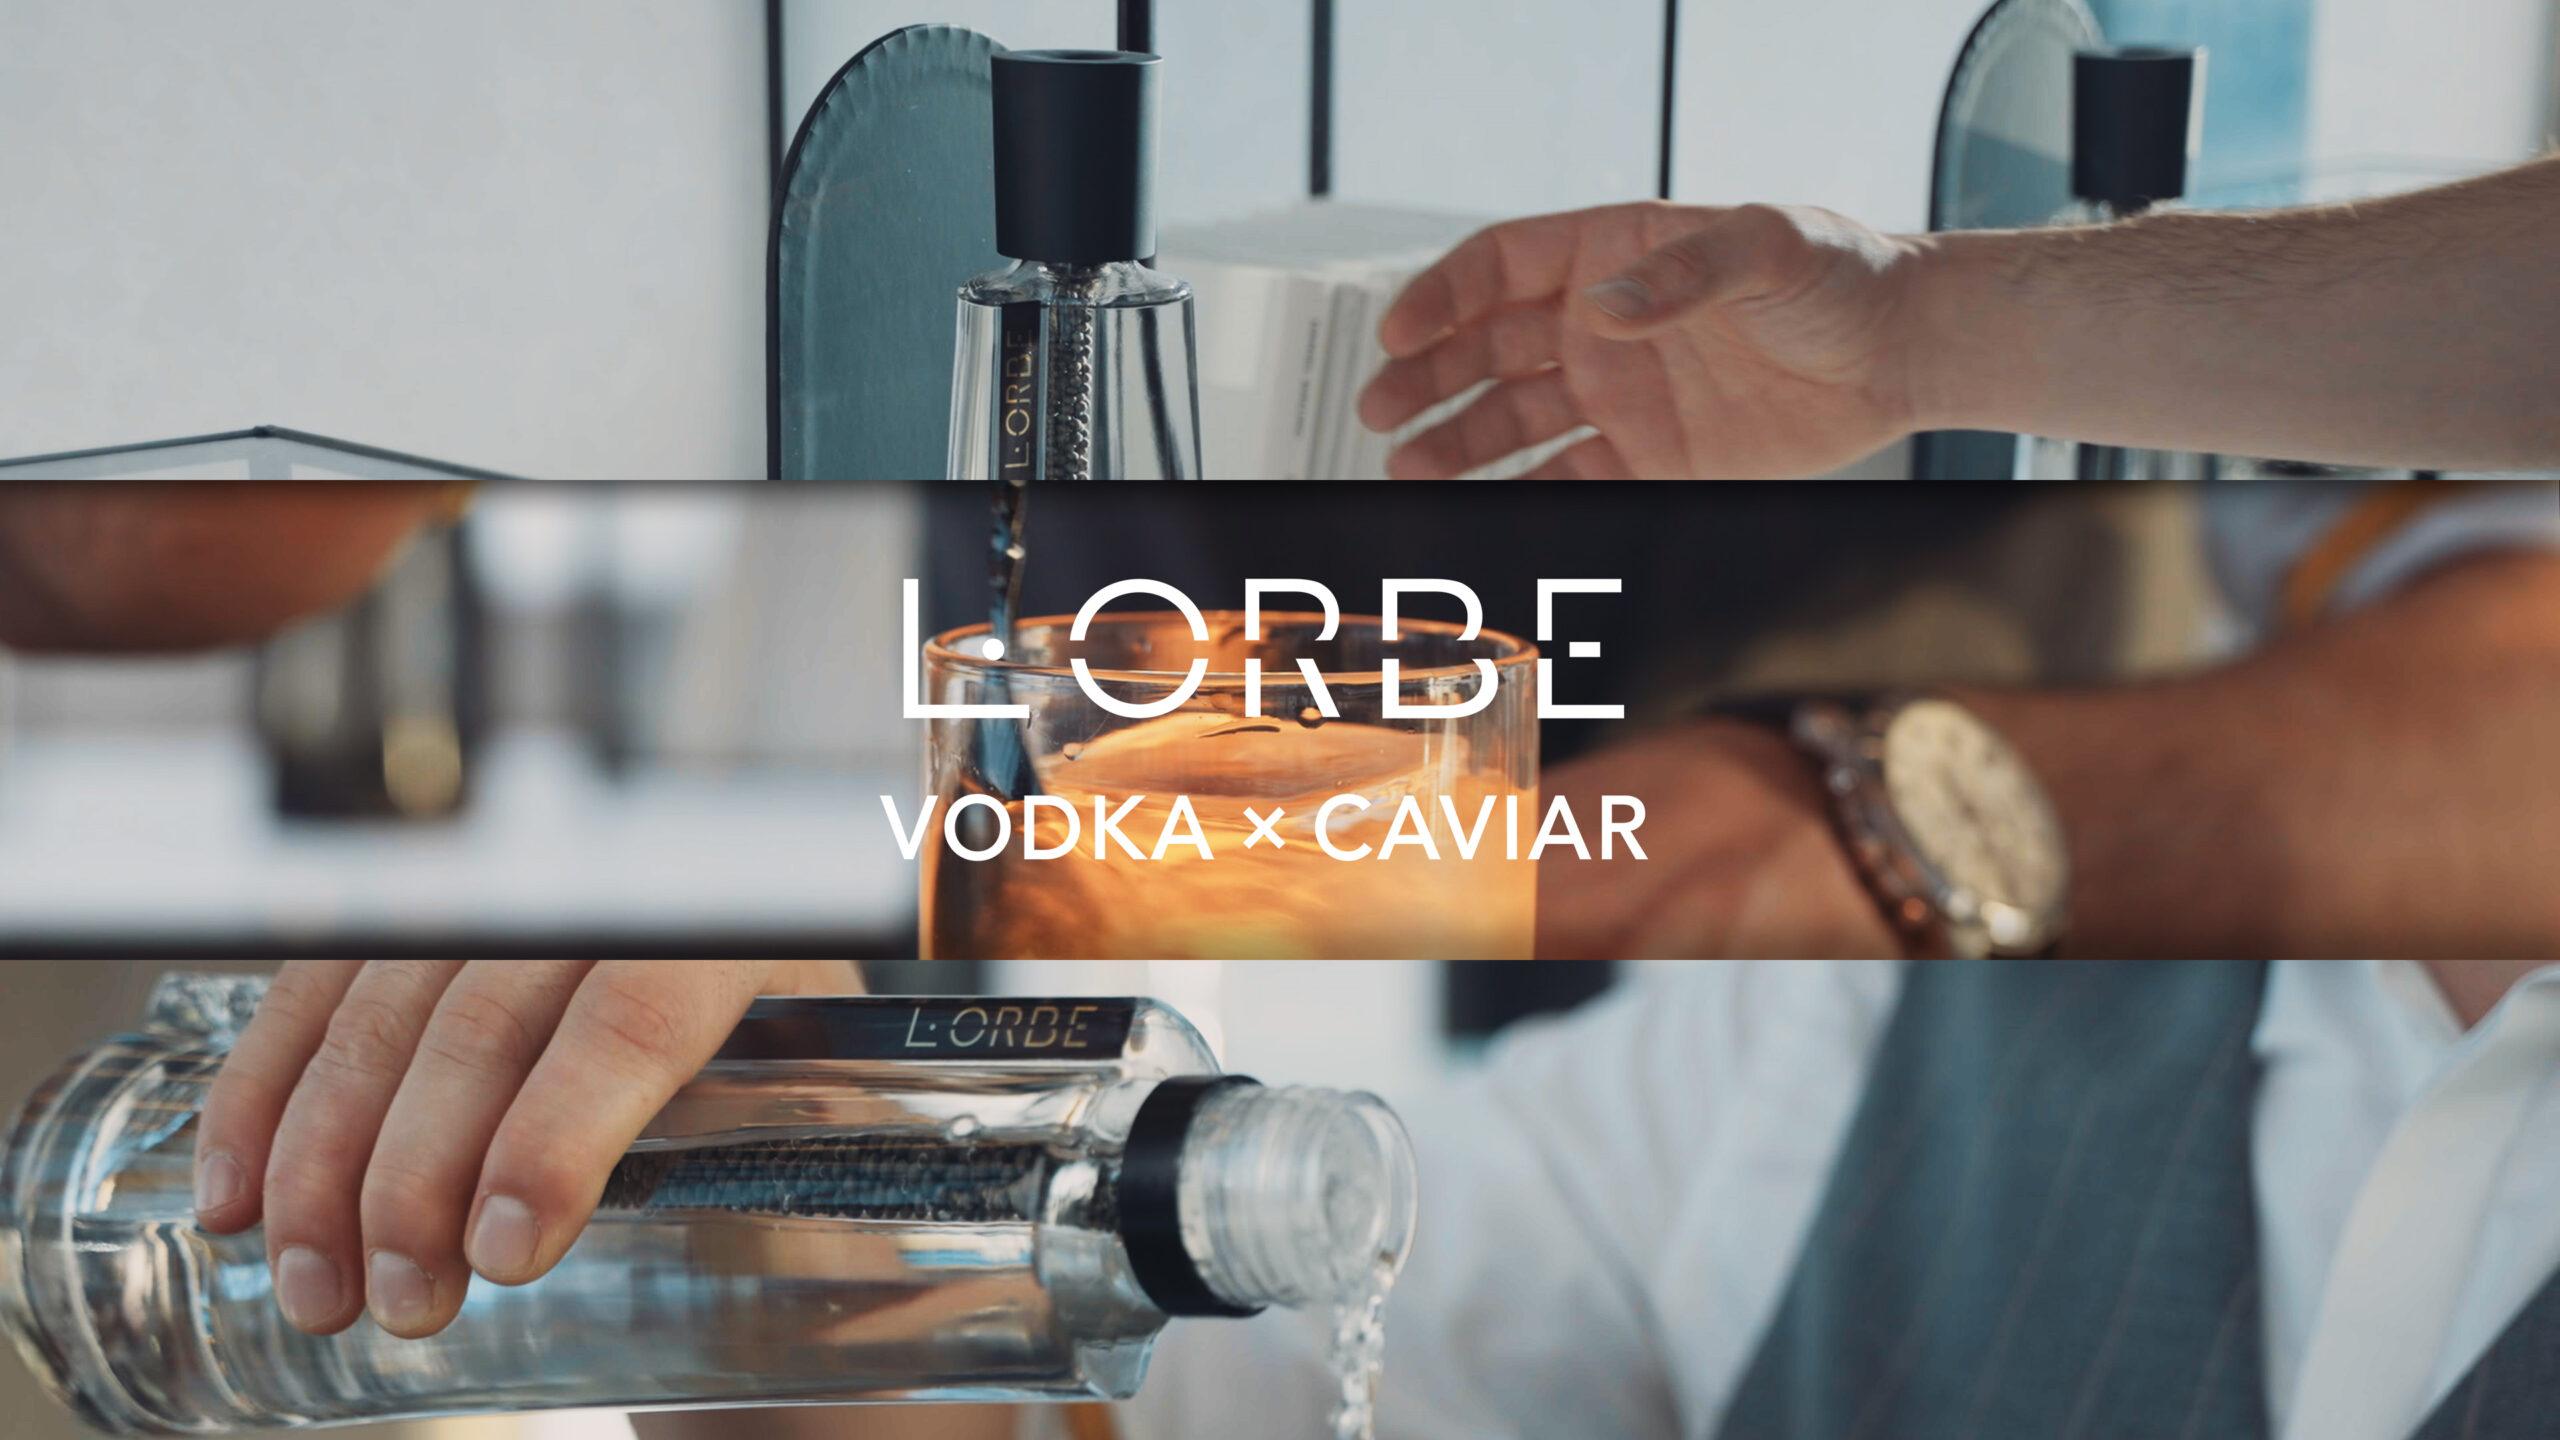 Vidéo Sony A7SIII L'orbe Vodka x Caviar